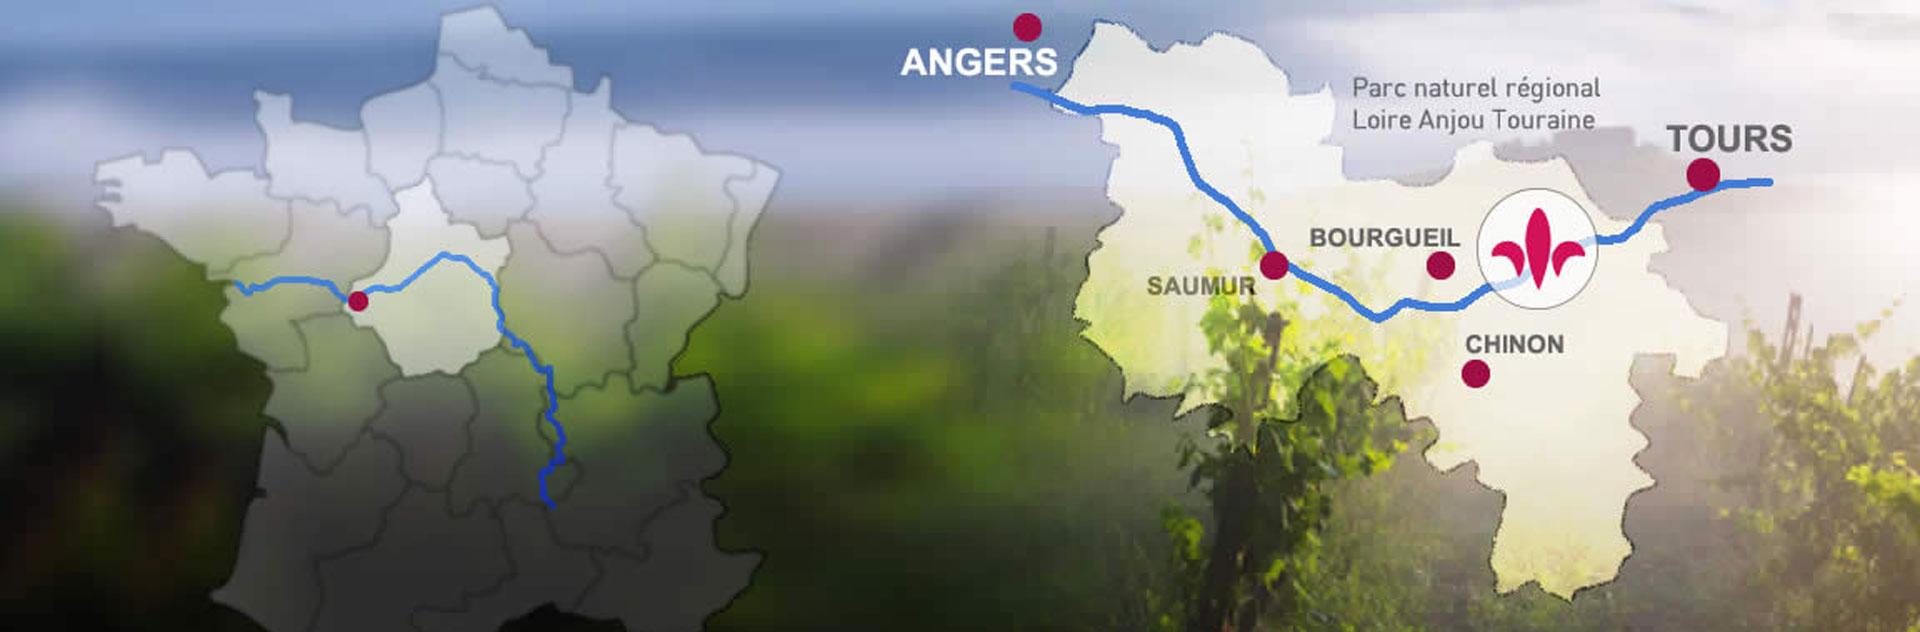 Parc Naturel Loire Anjou Touraine, patrimoine de l'UNESCO